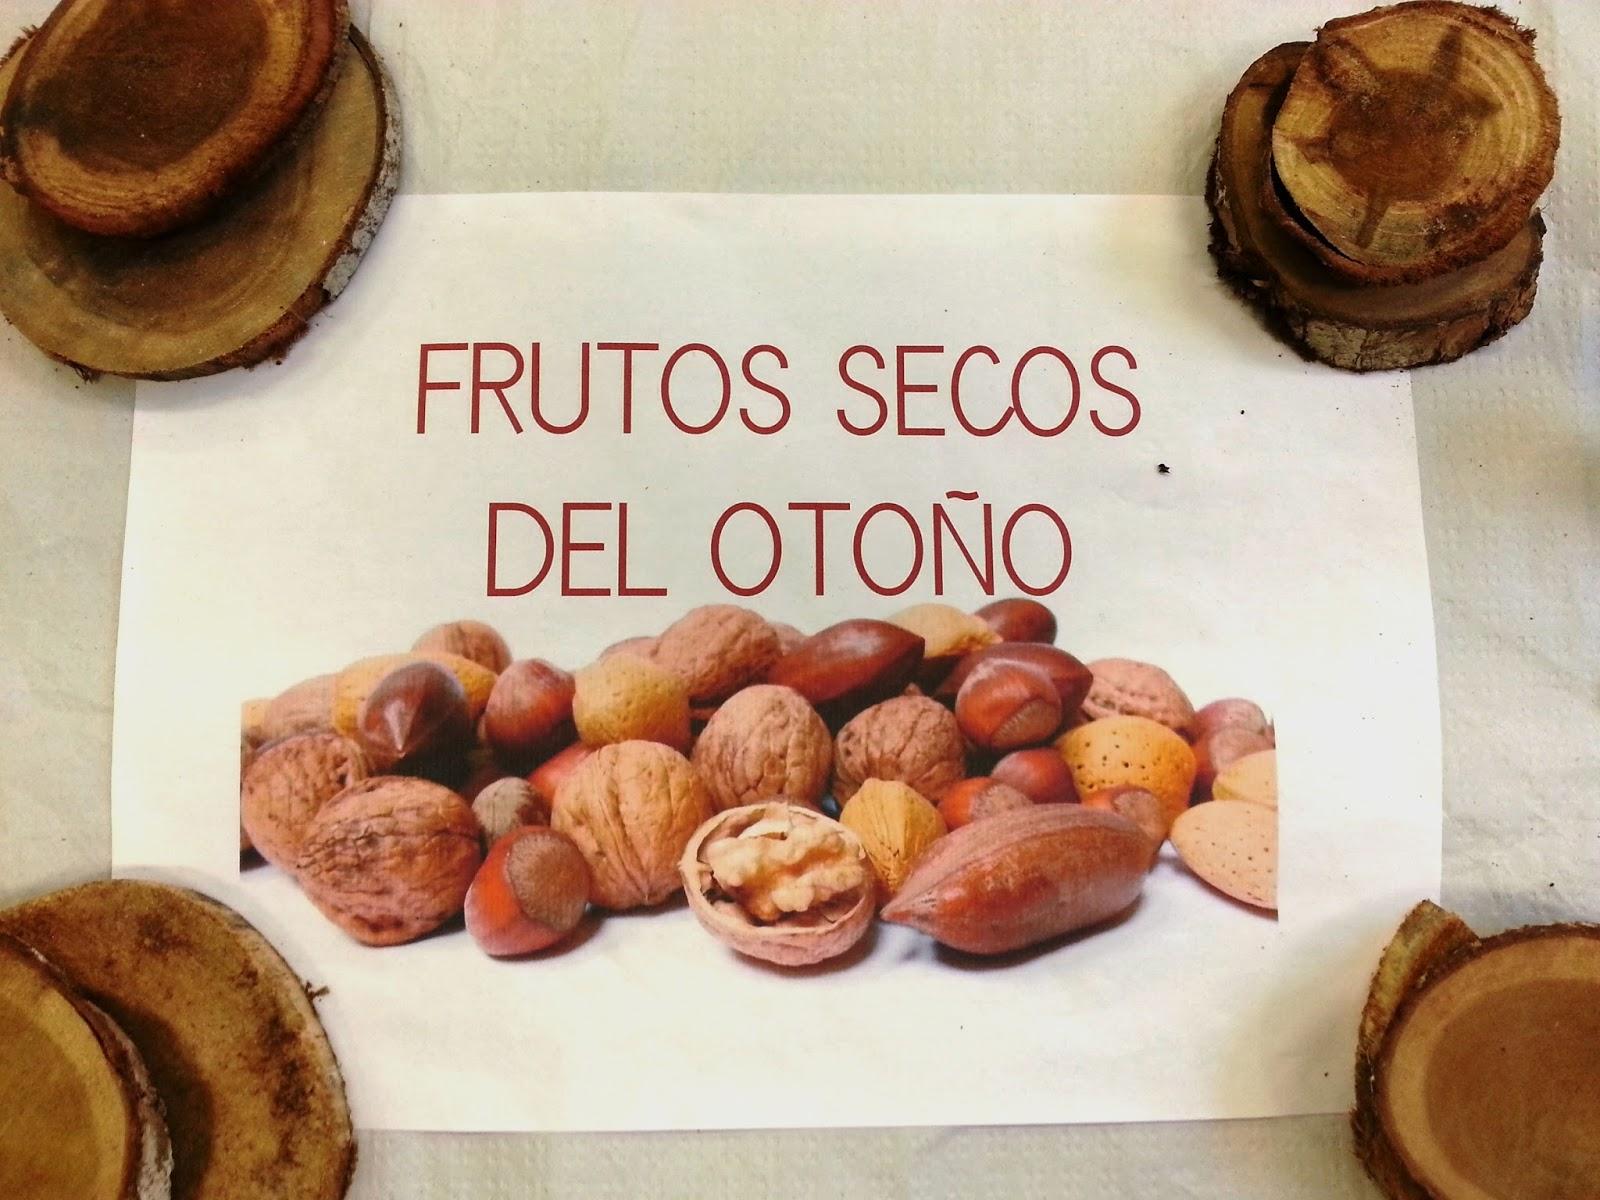 blog de 1 de primaria los frutos secos del oto o